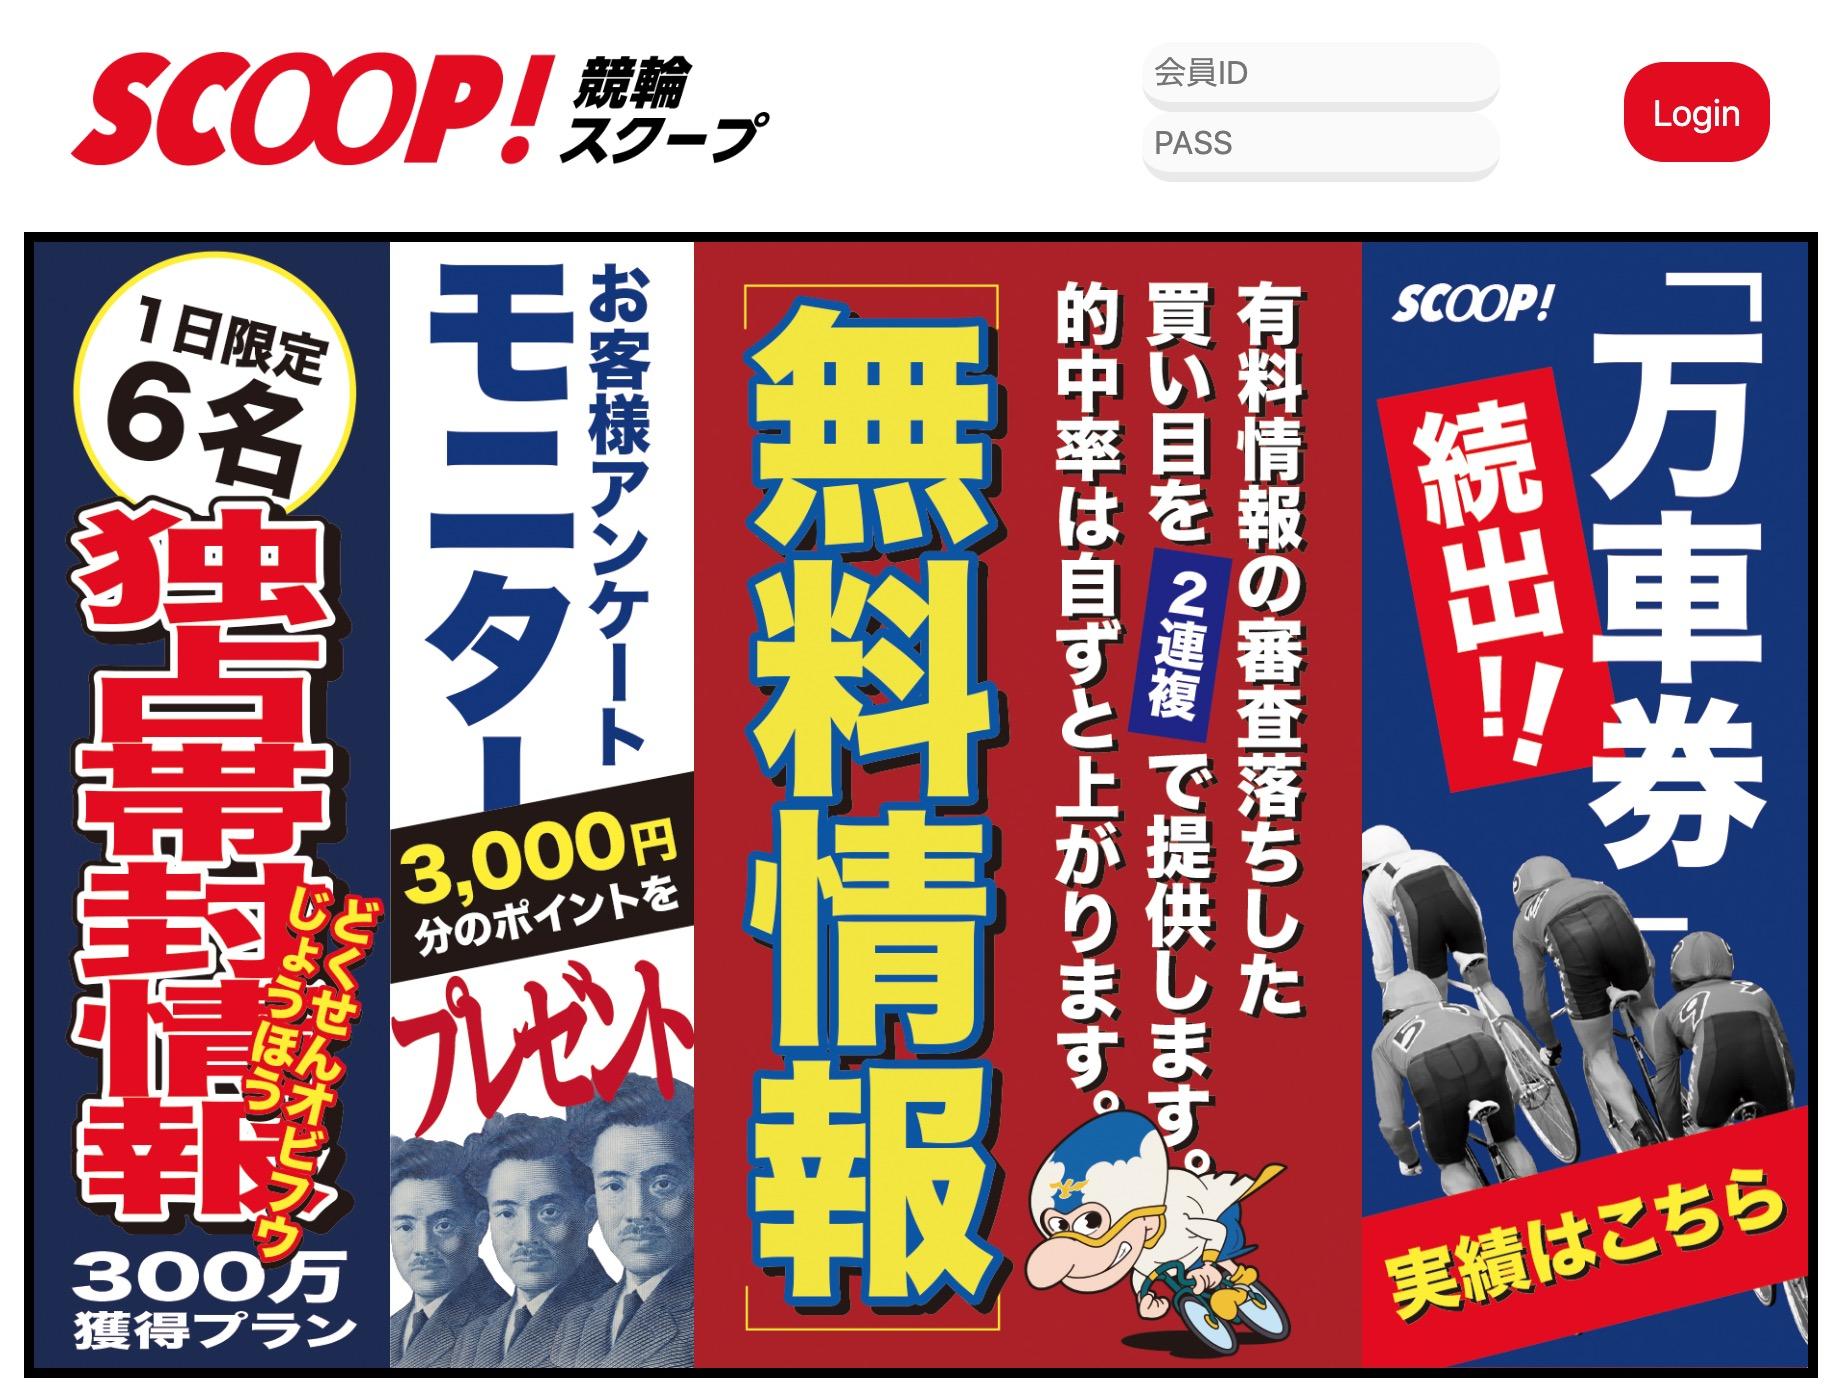 競輪スコープ競輪SCOOP詐欺当たる検証買い目実績